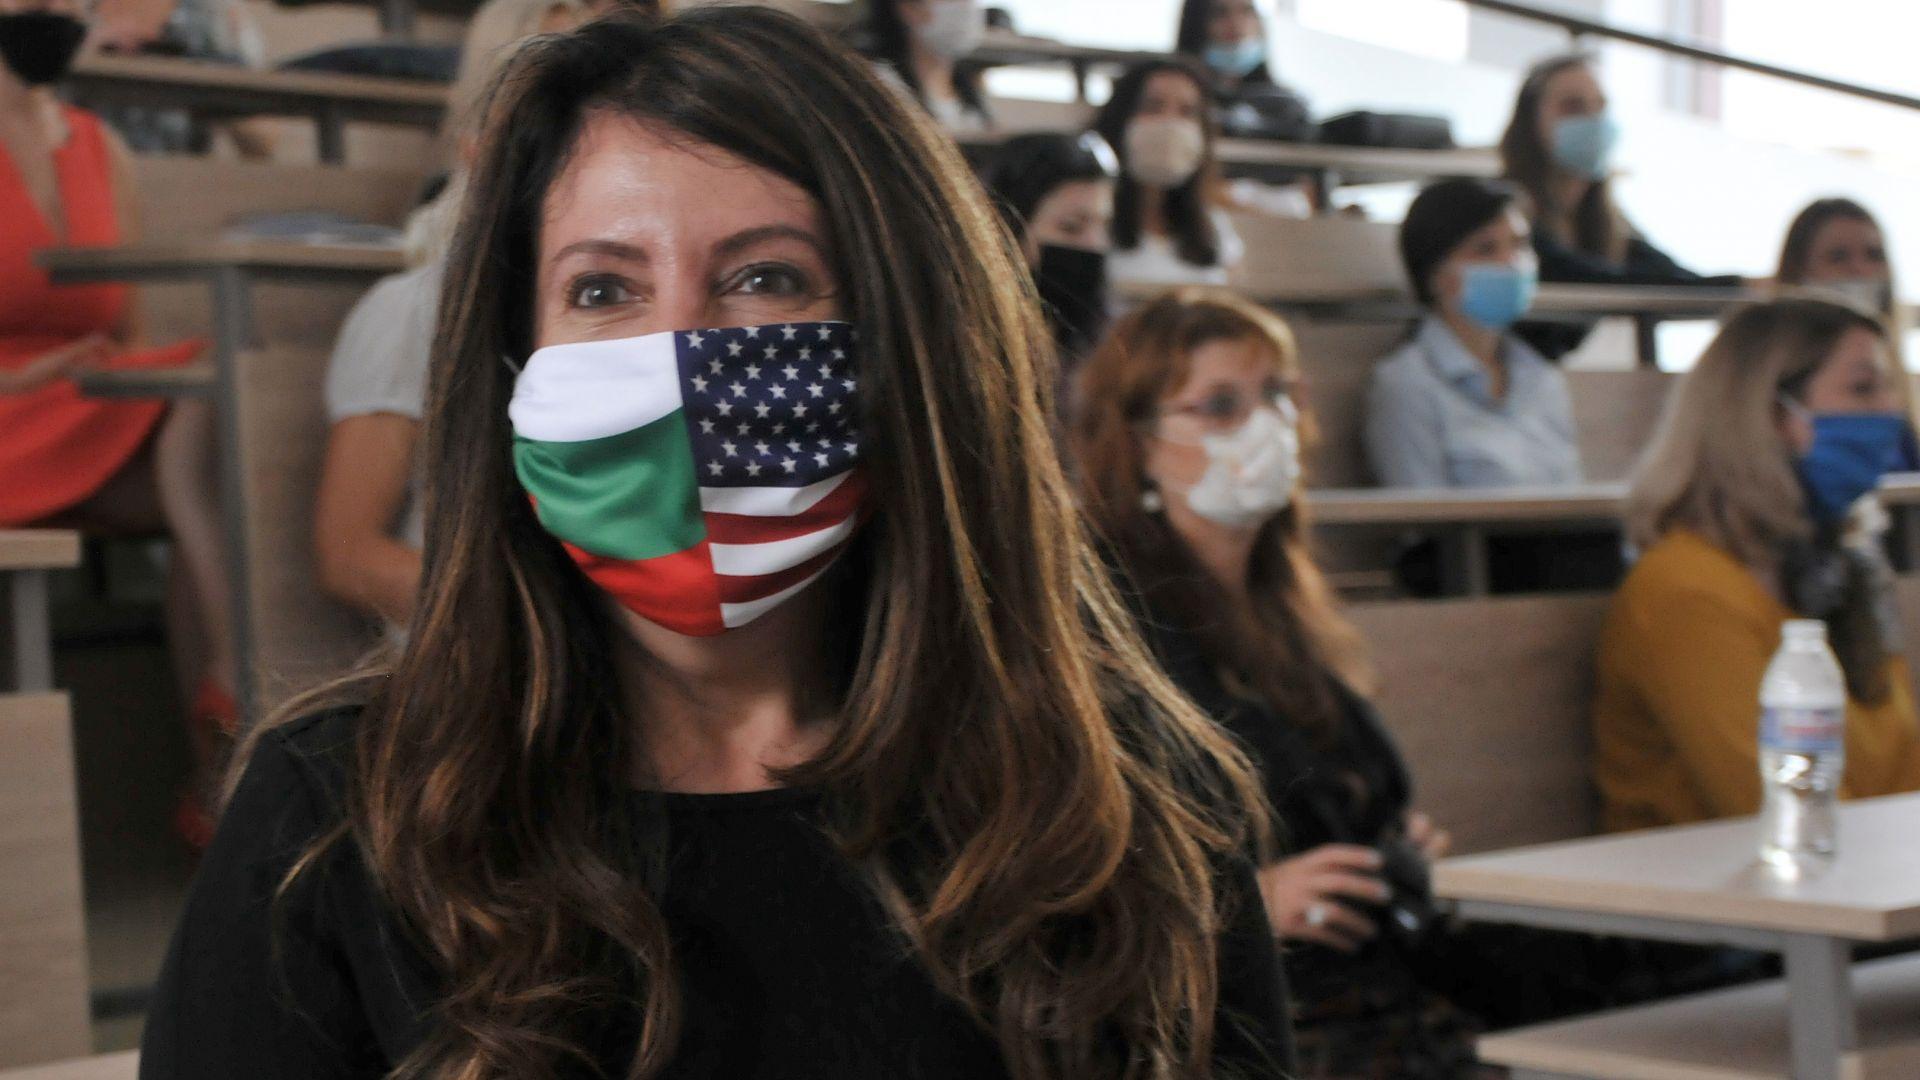 САЩ: Заставаме зад България срещу злонамерени действия на нейна територия